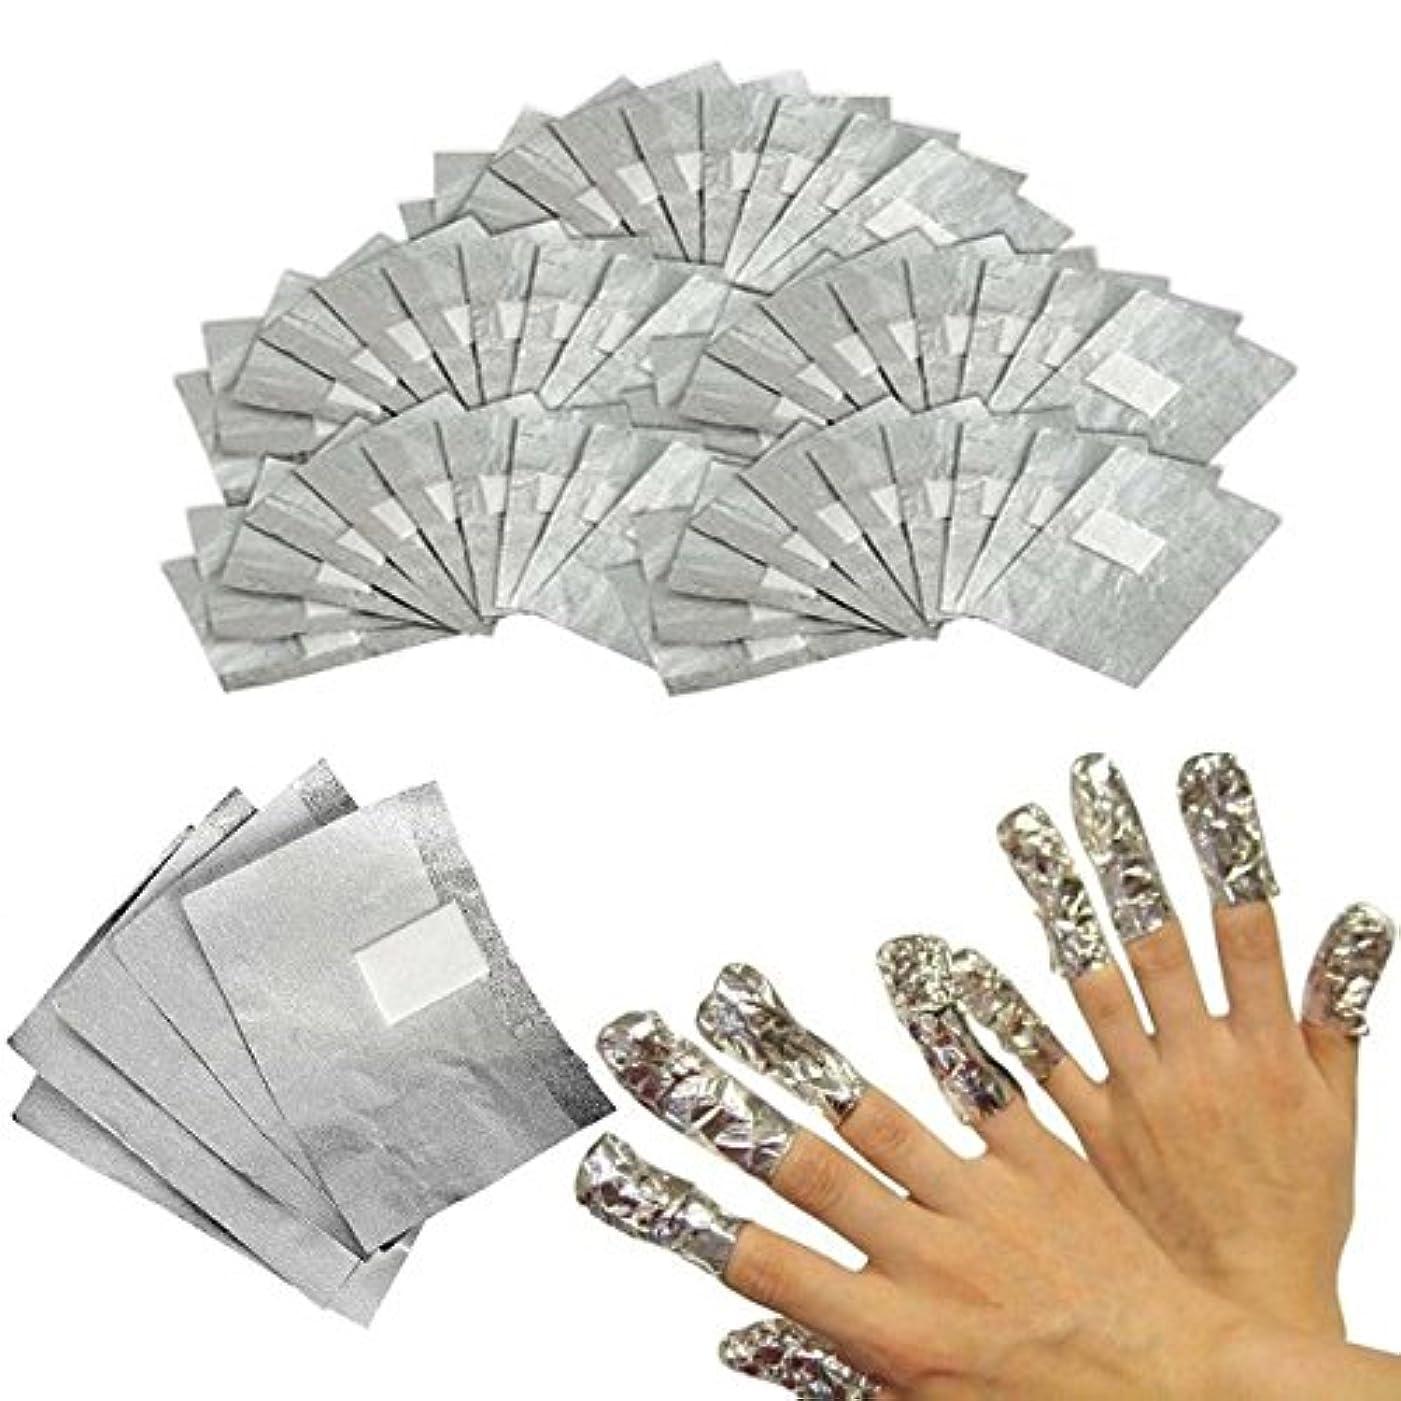 窒素知覚的詐欺Elitlife 200枚セット アクリルUVジェル ネイルポリッシュをきれいにオフ コットン付きアルミホイル 素敵な在宅ゲル爪マニキュア用品